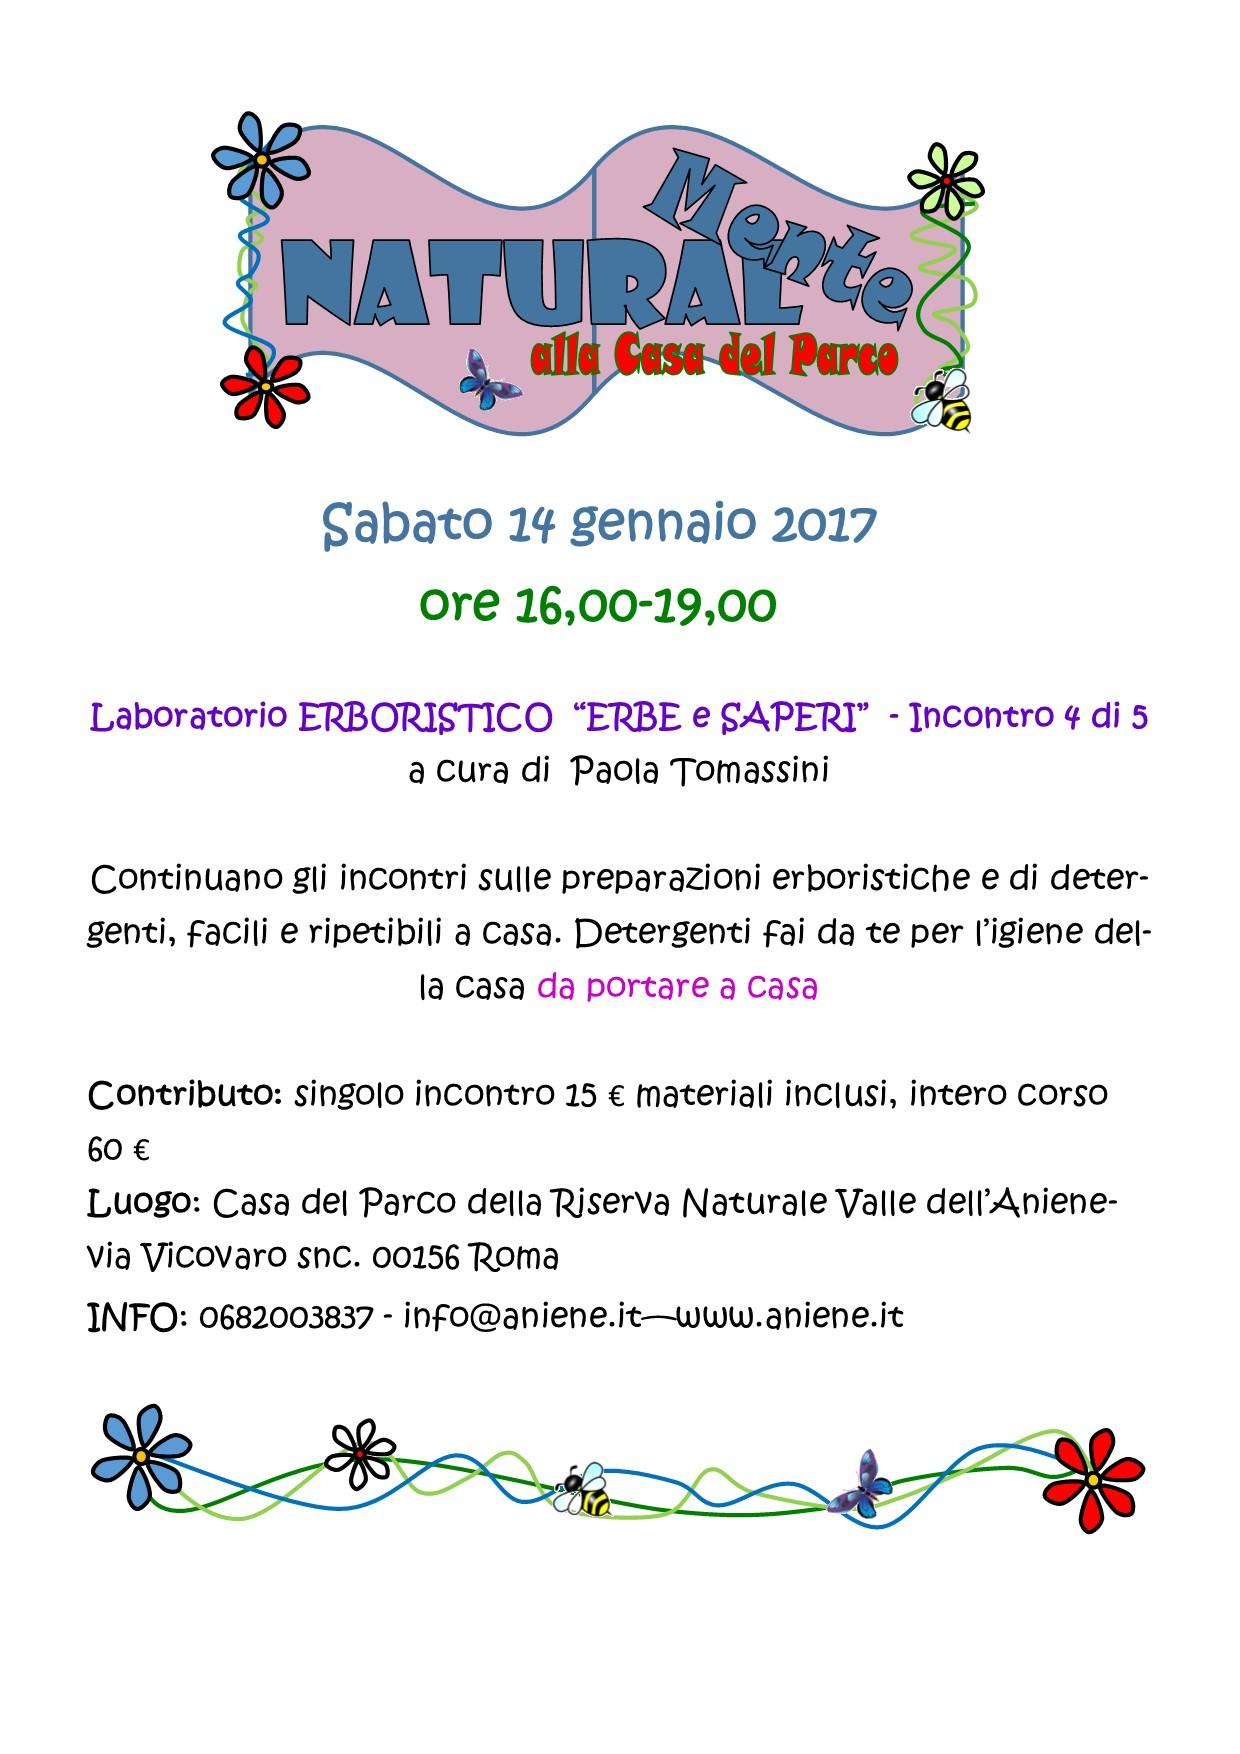 """Laboratorio ERBORISTICO  """"ERBE e SAPERI""""  - Incontro 4 di 5 a cura di  Paola Tomassini"""